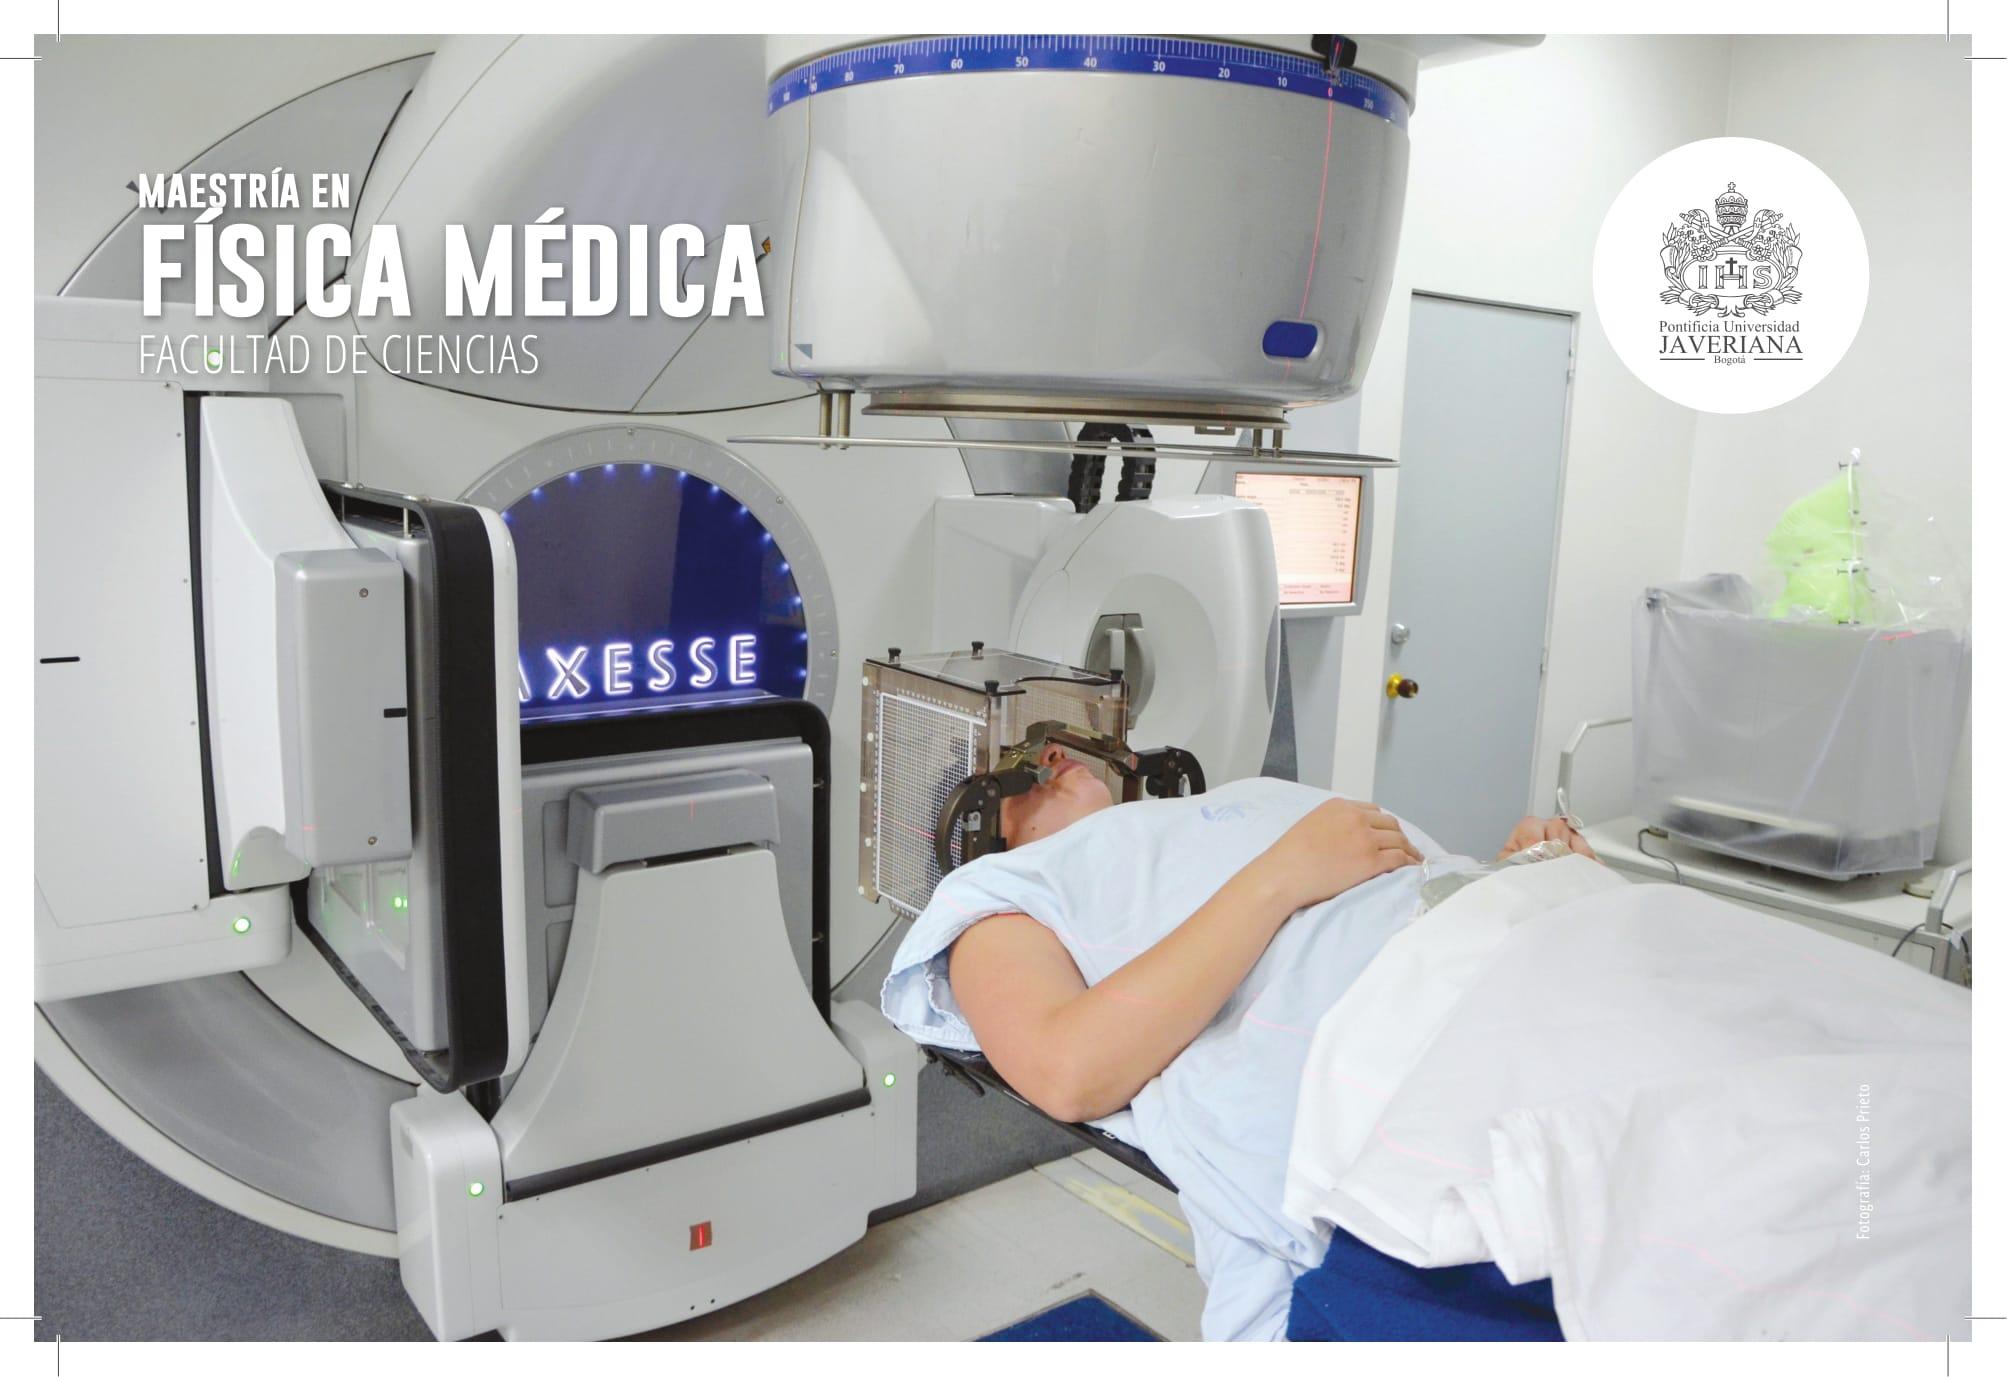 Maestría en Física Médica | Pontificia Universidad Javeriana